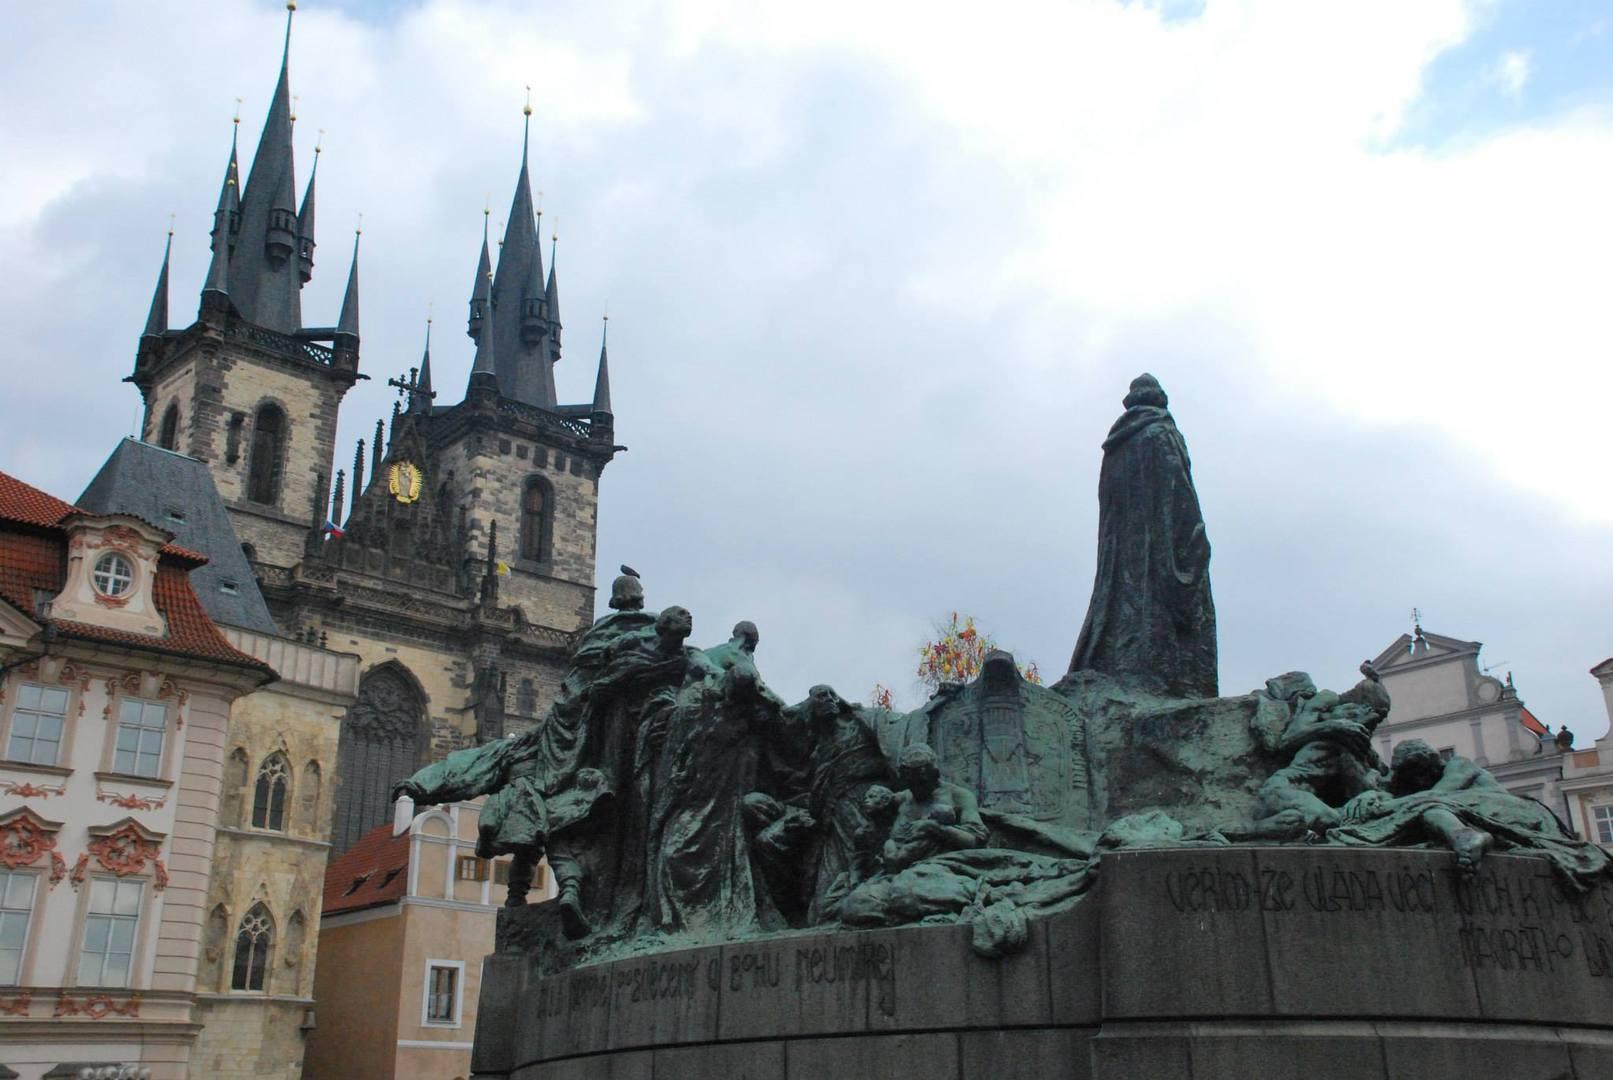 פסל יאן הוס  בכיכר העיר העתיקה